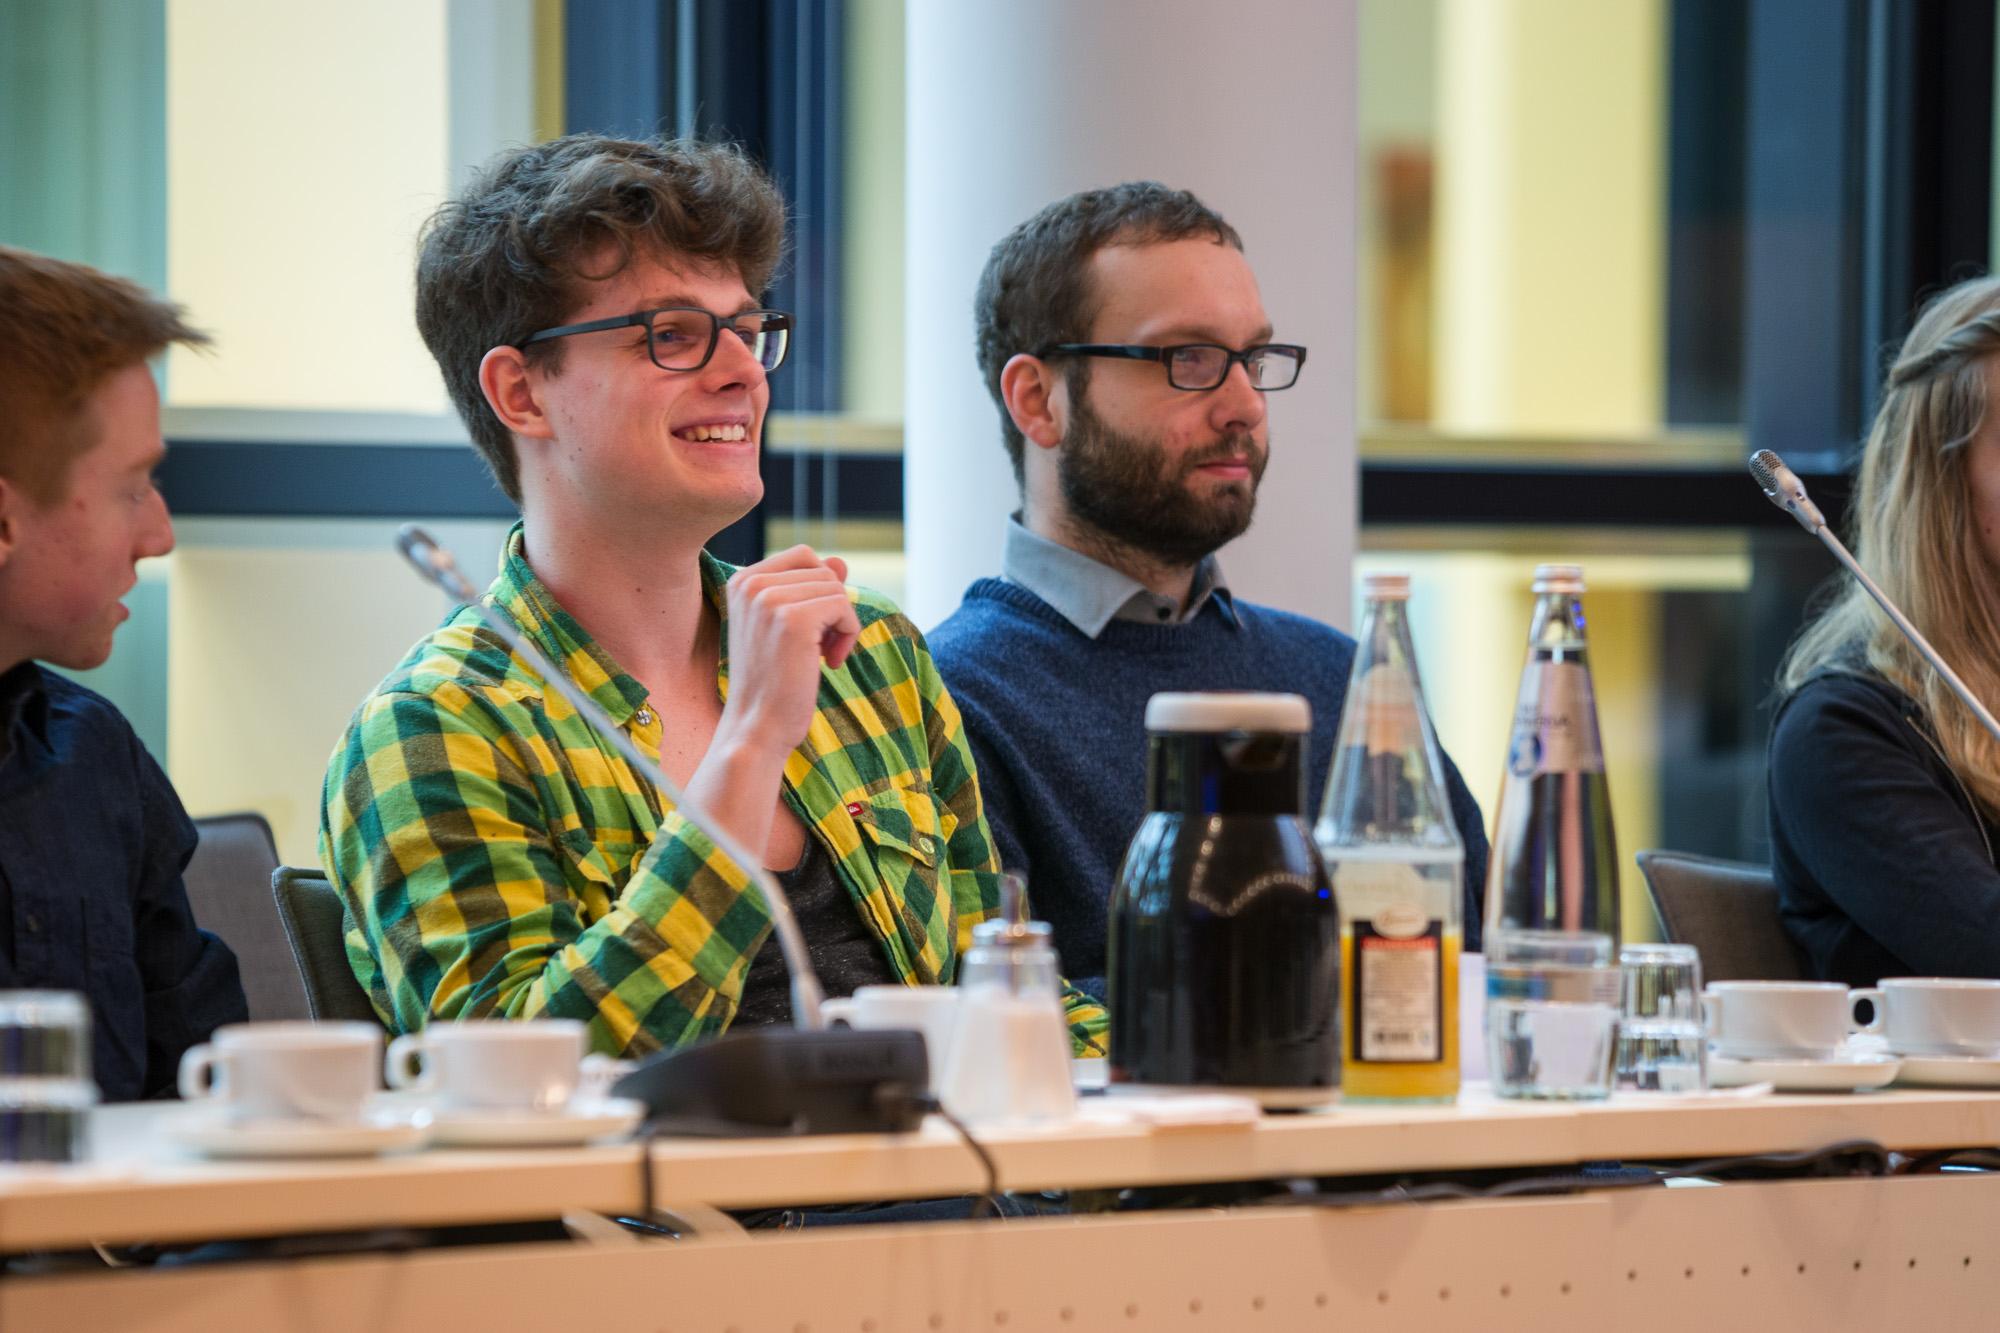 po_Blog_Jugendforum_BildimText_MinisteriumBilder_(c)BenediktBungarten-1